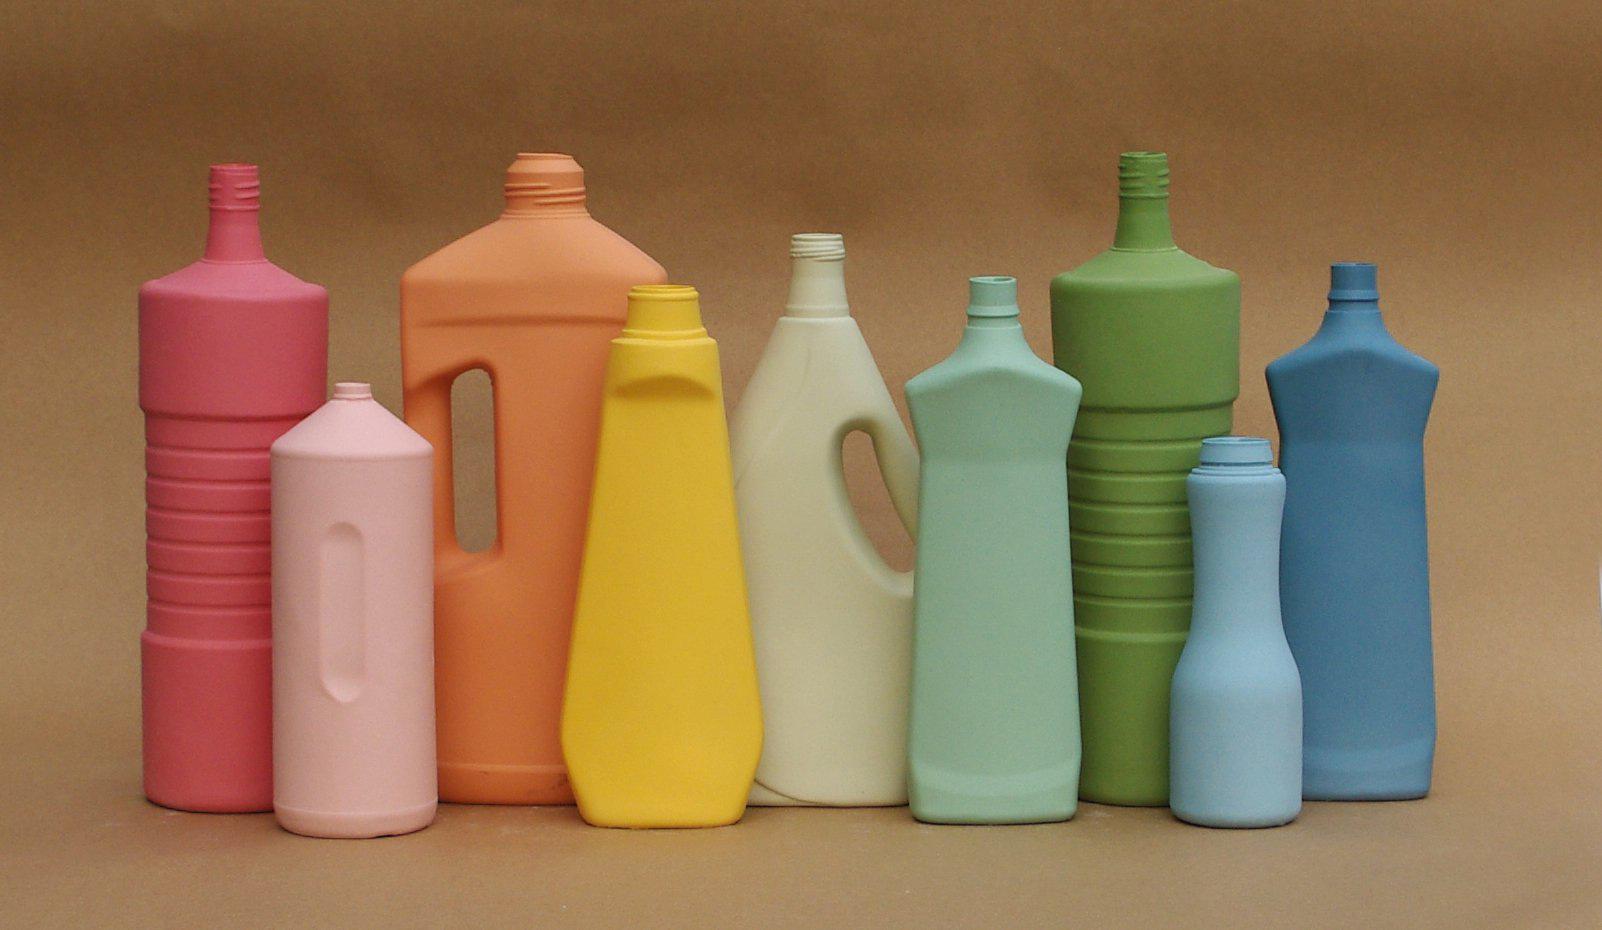 porcelain cleaning bottle vases collabcubed. Black Bedroom Furniture Sets. Home Design Ideas